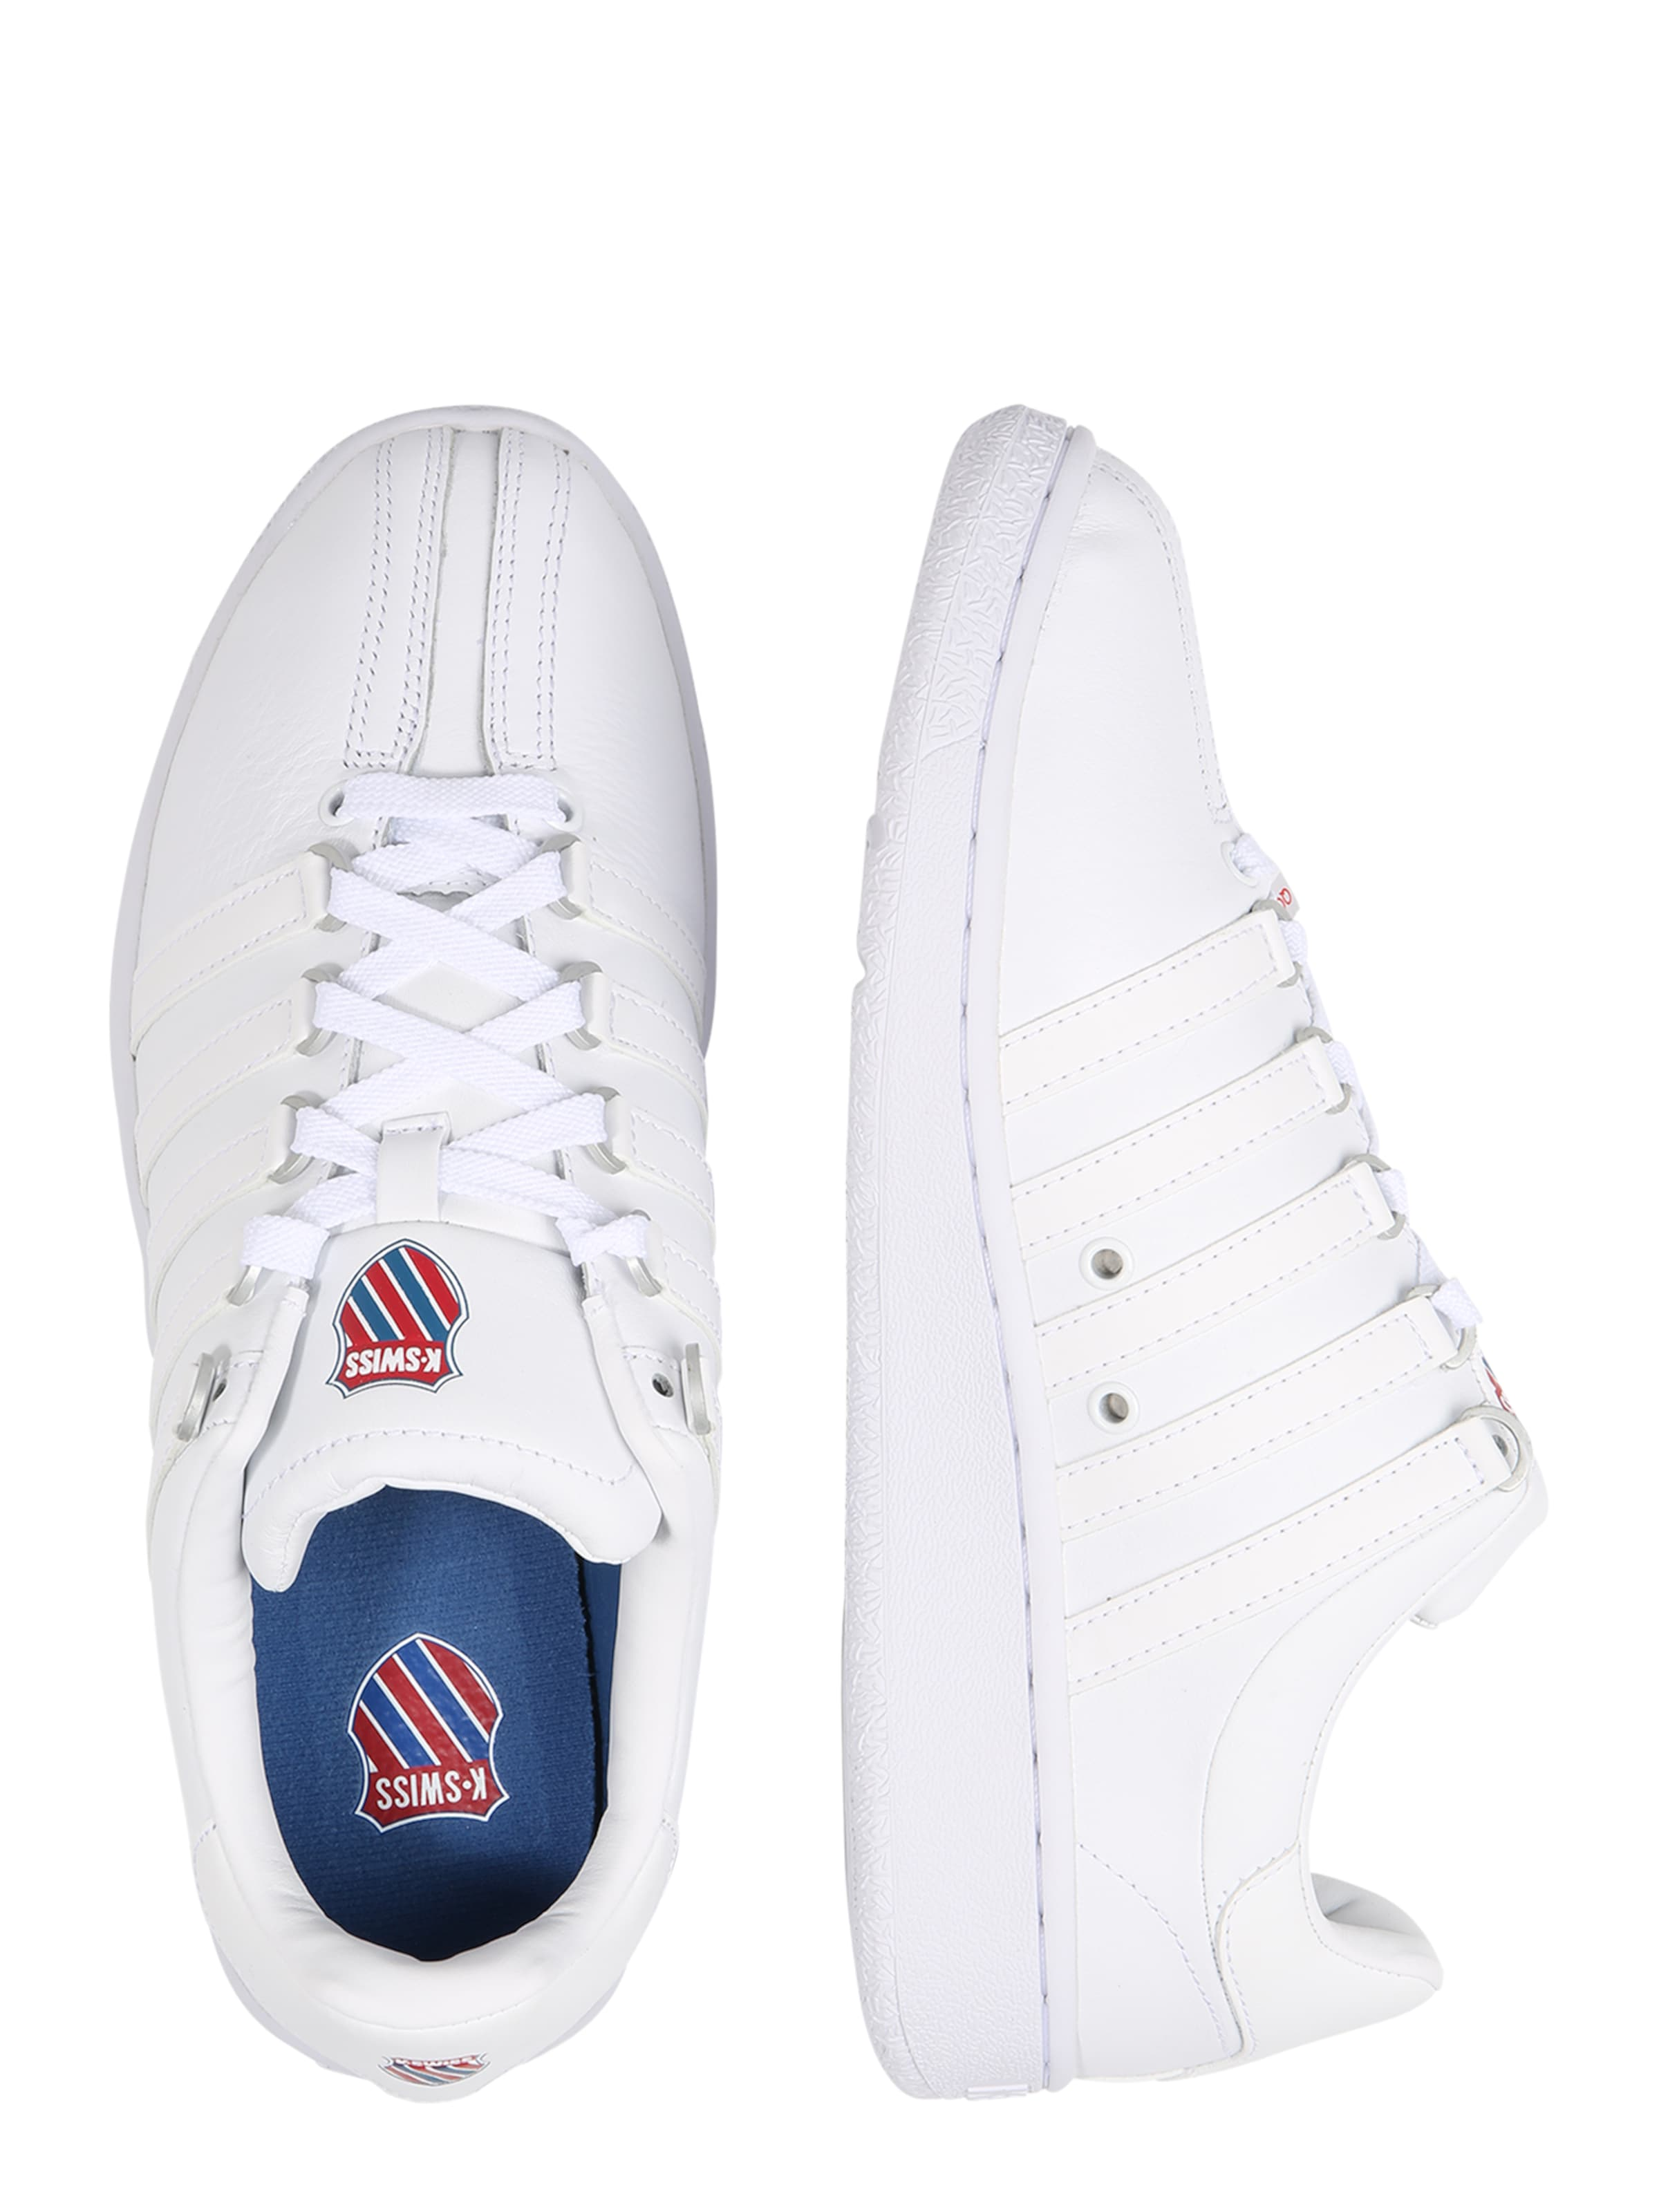 swiss In K Sneaker Heritage' 'classic Vn Weiß qMzSUVp